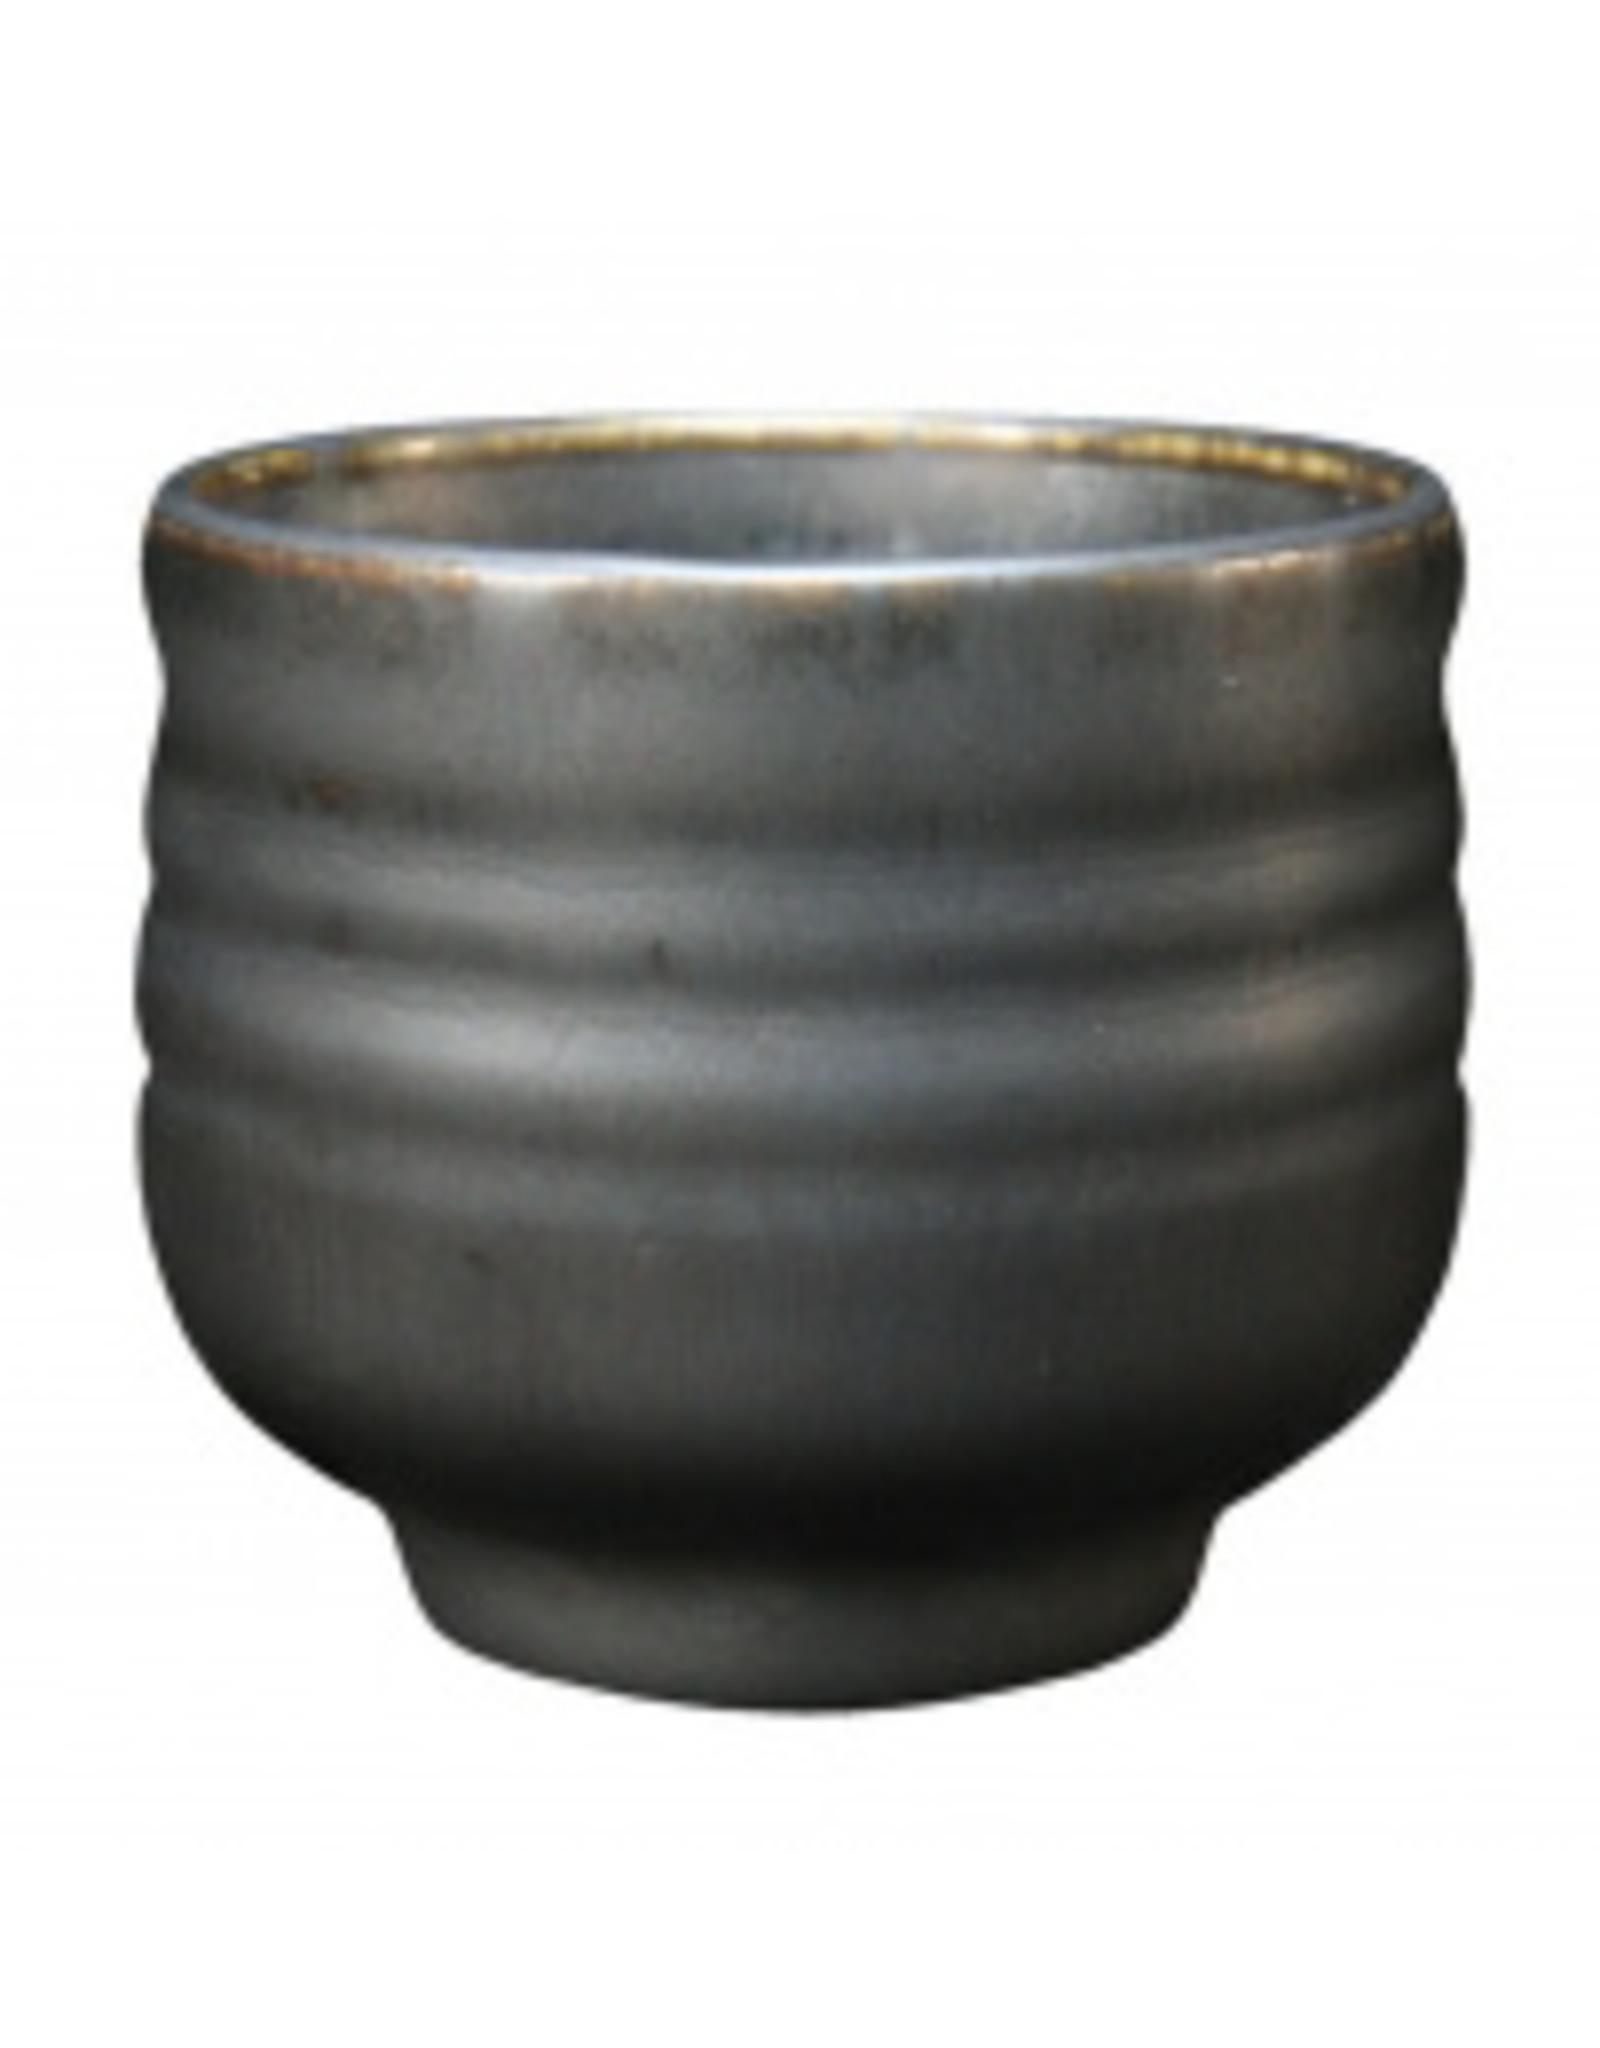 Saturation Metallic AMACO Potters Choice Brush-on Stoneware Glaze 473ML 1180˚C - 1240˚C